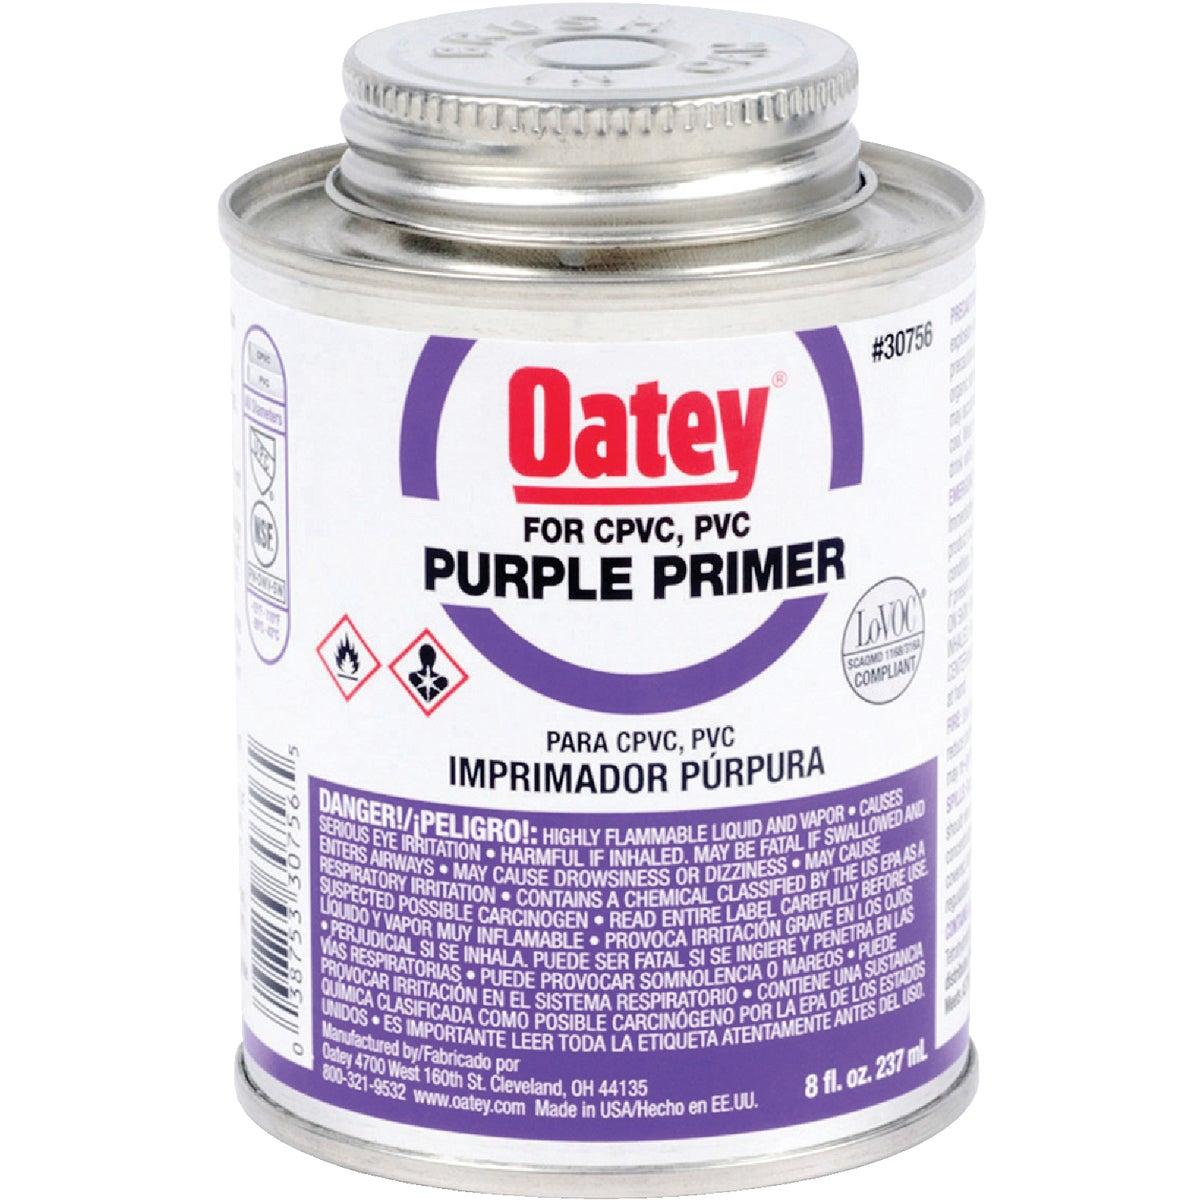 Oatey 1/2PINT PURPLE PRIMER 30756